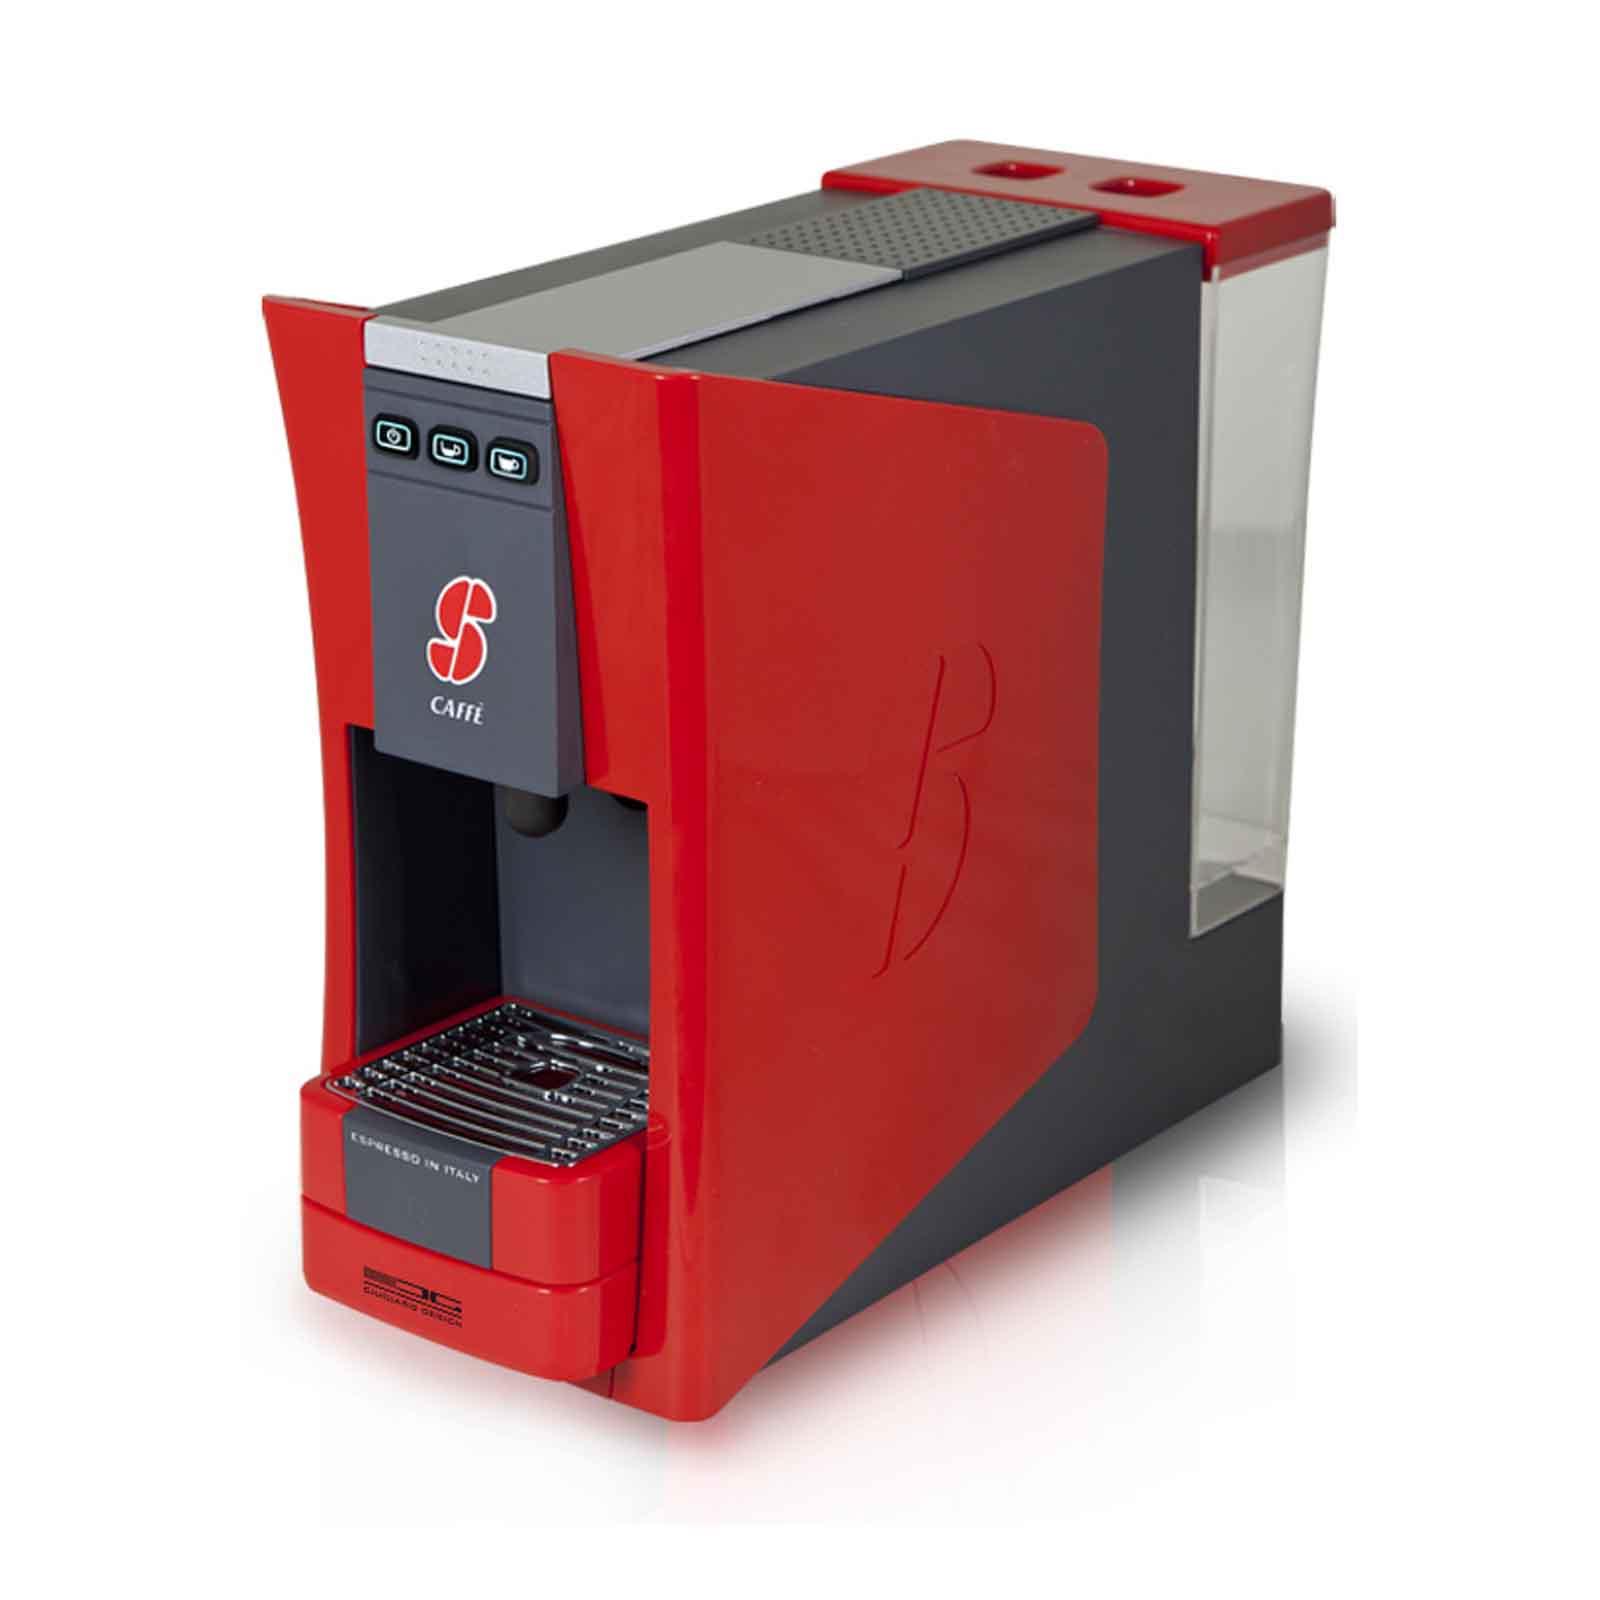 il male collaterale anca  Macchina da caffè S.12 Esse Caffè Rossa per capsule sistema ESSSE + 100  capsule | eBay